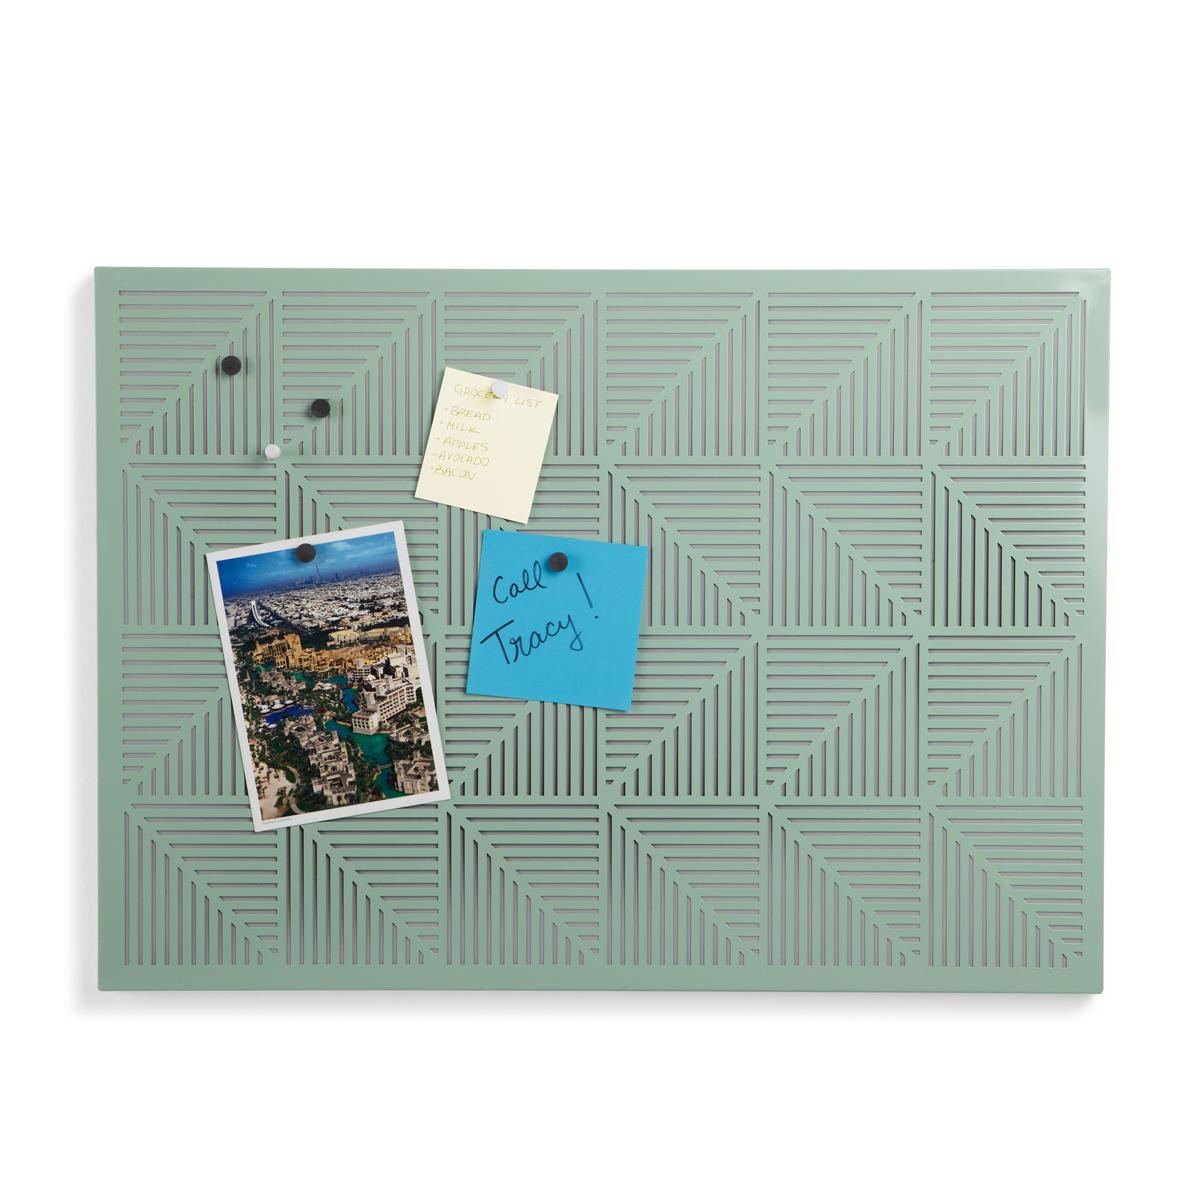 Украшение на стену Umbra Trigon, цвет: мятный470790-473Строгие геометрические формы не ограничивают воображение, а наоборот, вдохновляют на творчество и создание неповторимых интерьеров. Металлические узоры на этой доске не только складываются в интересную картинку, но и удобны для использования с магнитами и кнопками. Повесьте ее горизонтально или вертикально и крепите фотографии, записки, рисунки и напоминалки. В наборе 12 кнопок и 12 магнитов. Отличный декор для офиса и кабинета.